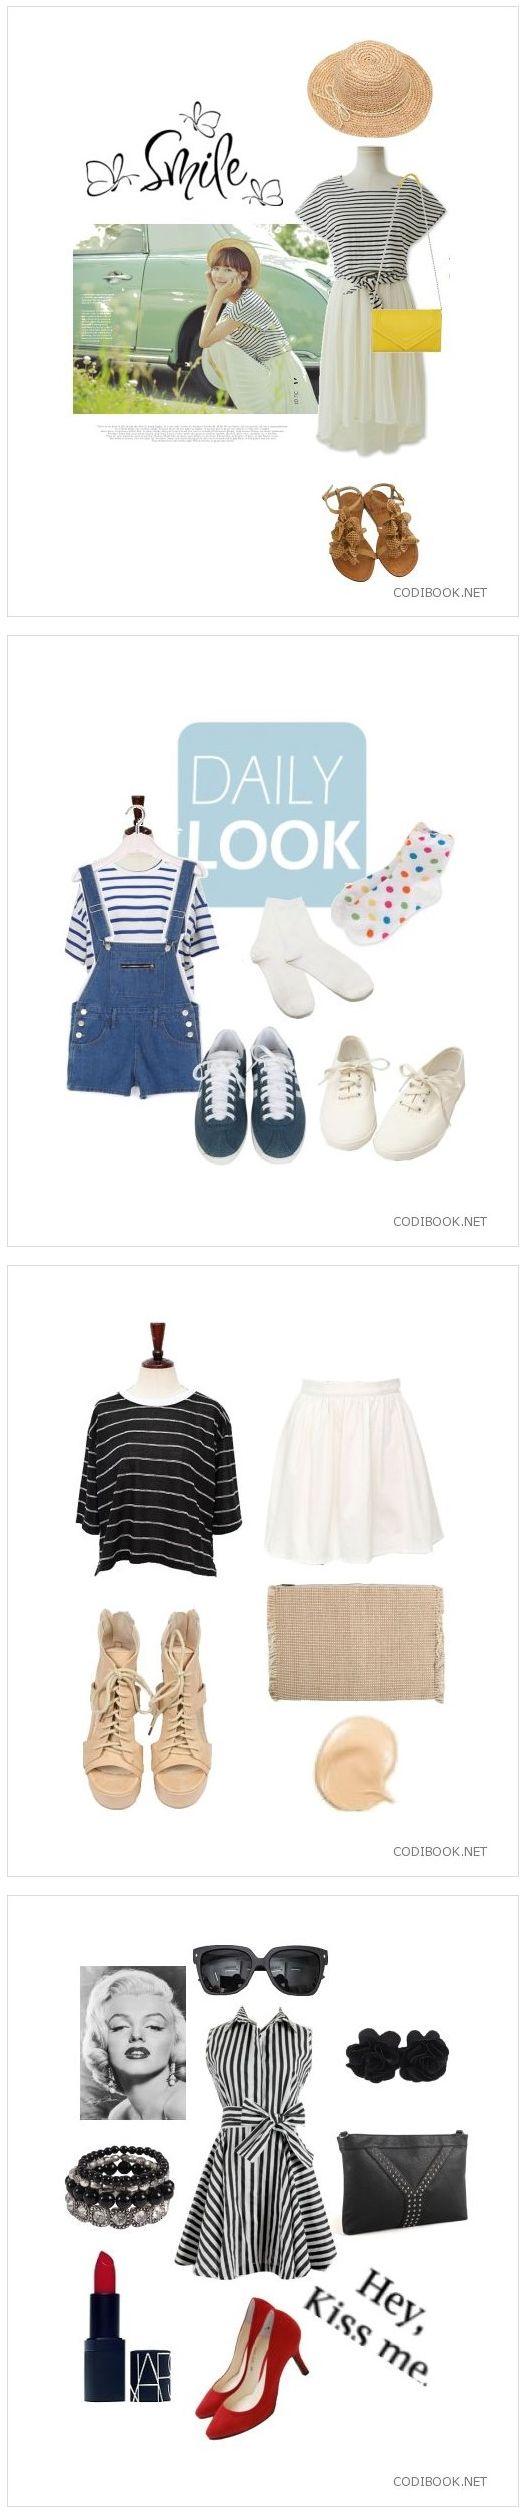 스트라이프 패션을 즐기는 4가지 방법